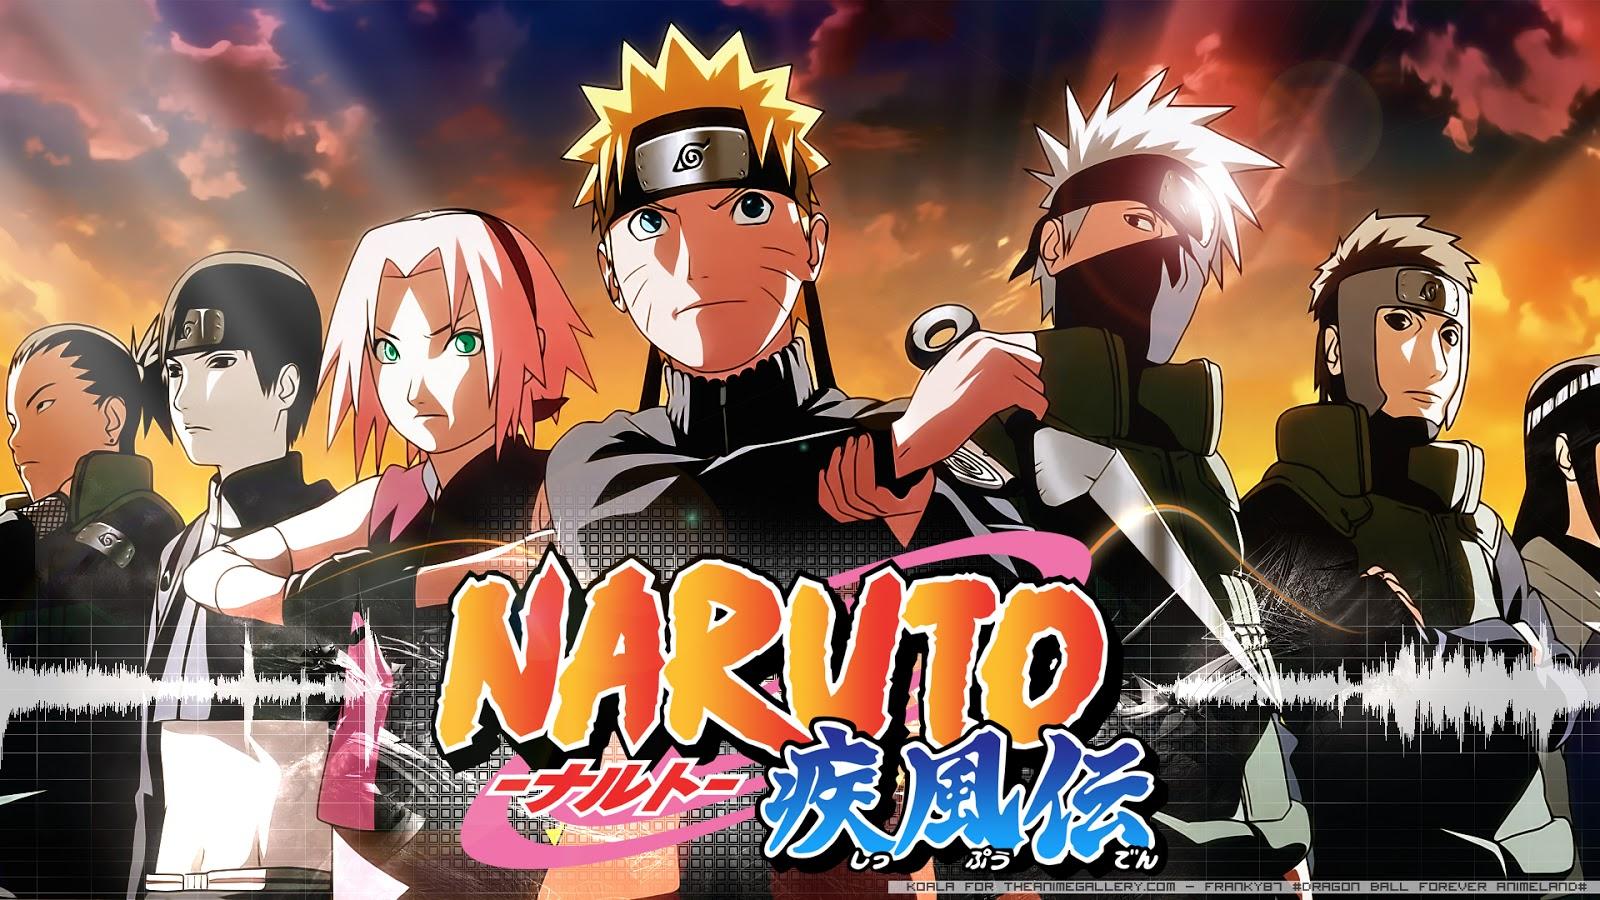 naruto-anime-naruto-33923256-1920-1080.jpg